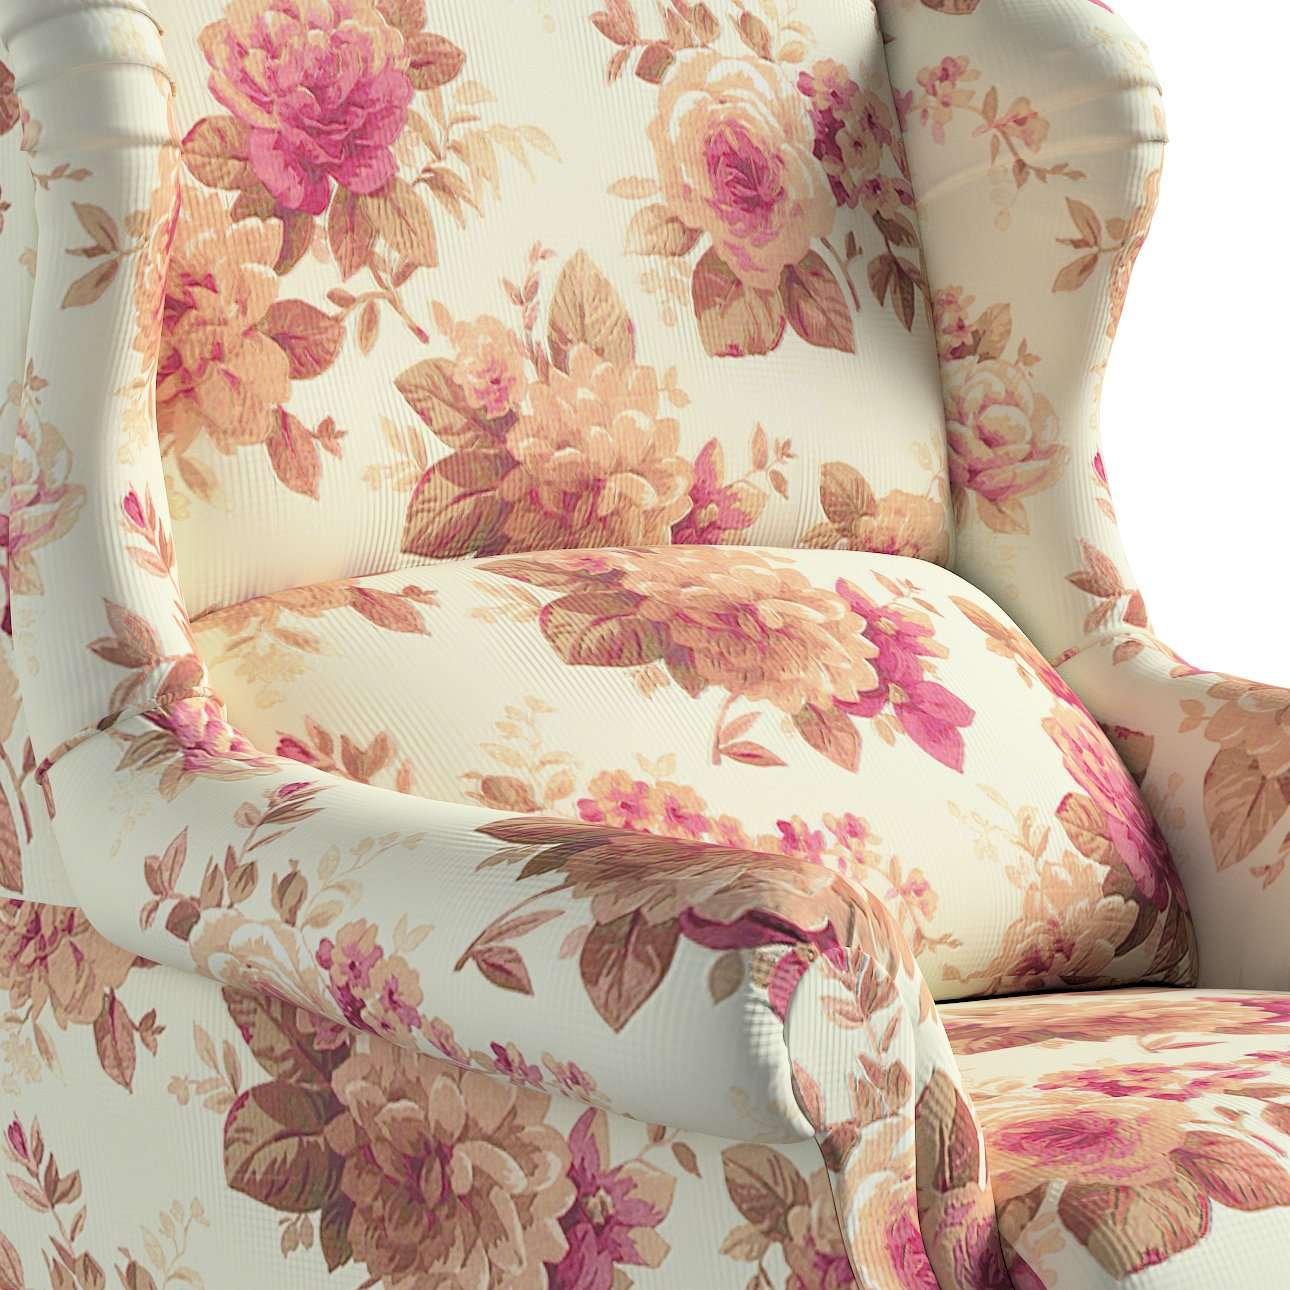 Sessel 63 x 115 cm von der Kollektion Mirella, Stoff: 141-06